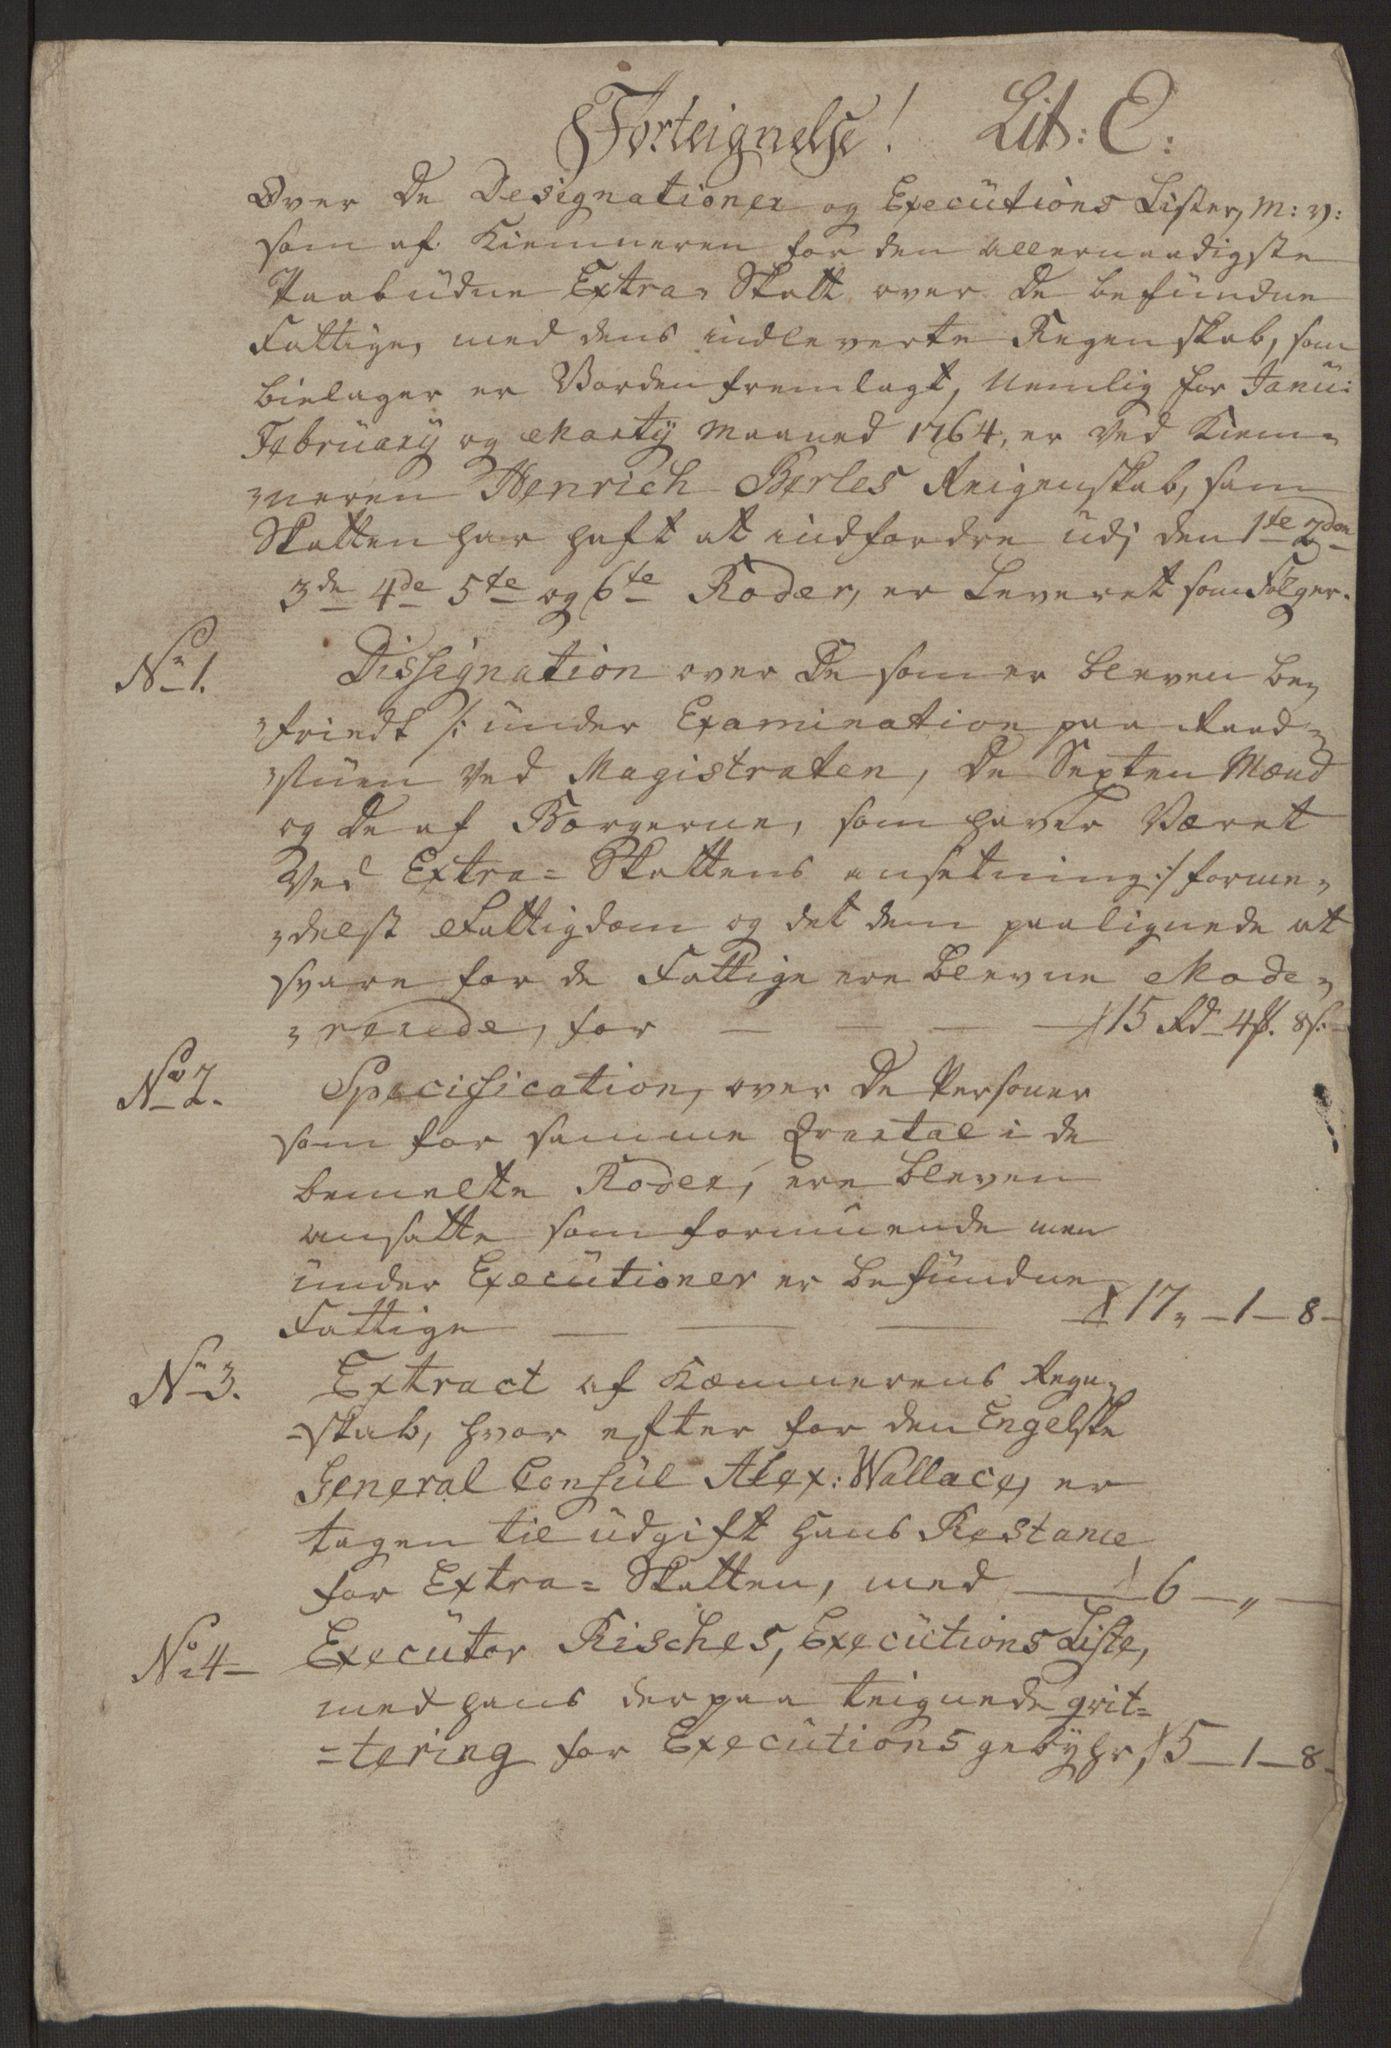 RA, Rentekammeret inntil 1814, Reviderte regnskaper, Byregnskaper, R/Rp/L0367: [P21] Kontribusjonsregnskap, 1764, s. 86